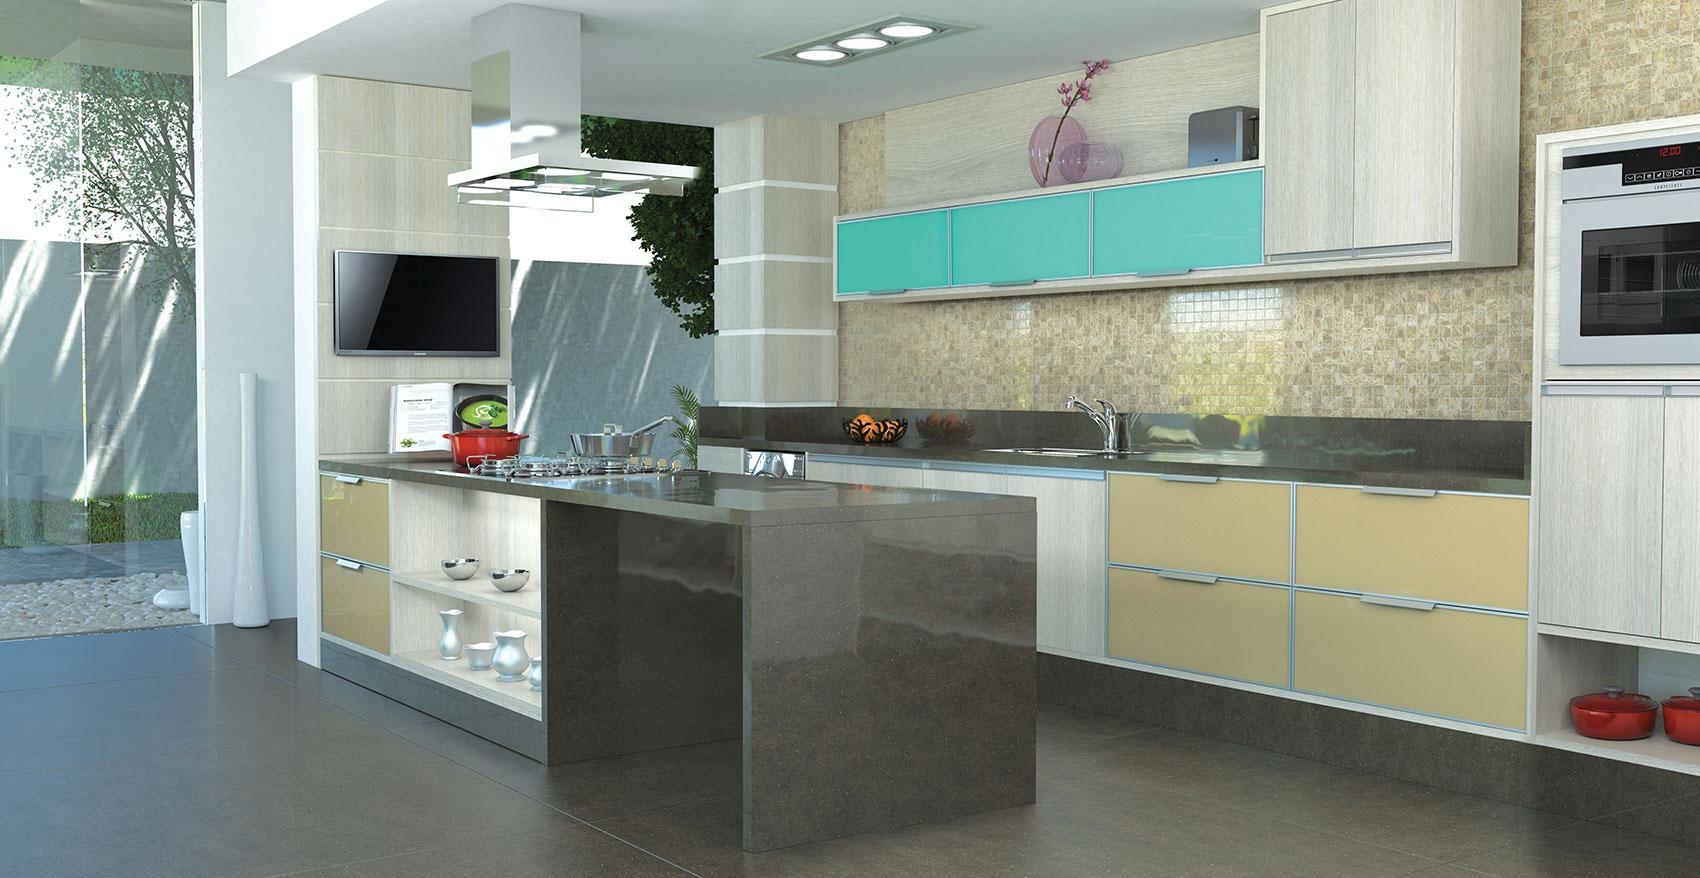 Cozinha Planejada para Casas em Cotia - Cozinha Planejada Americana